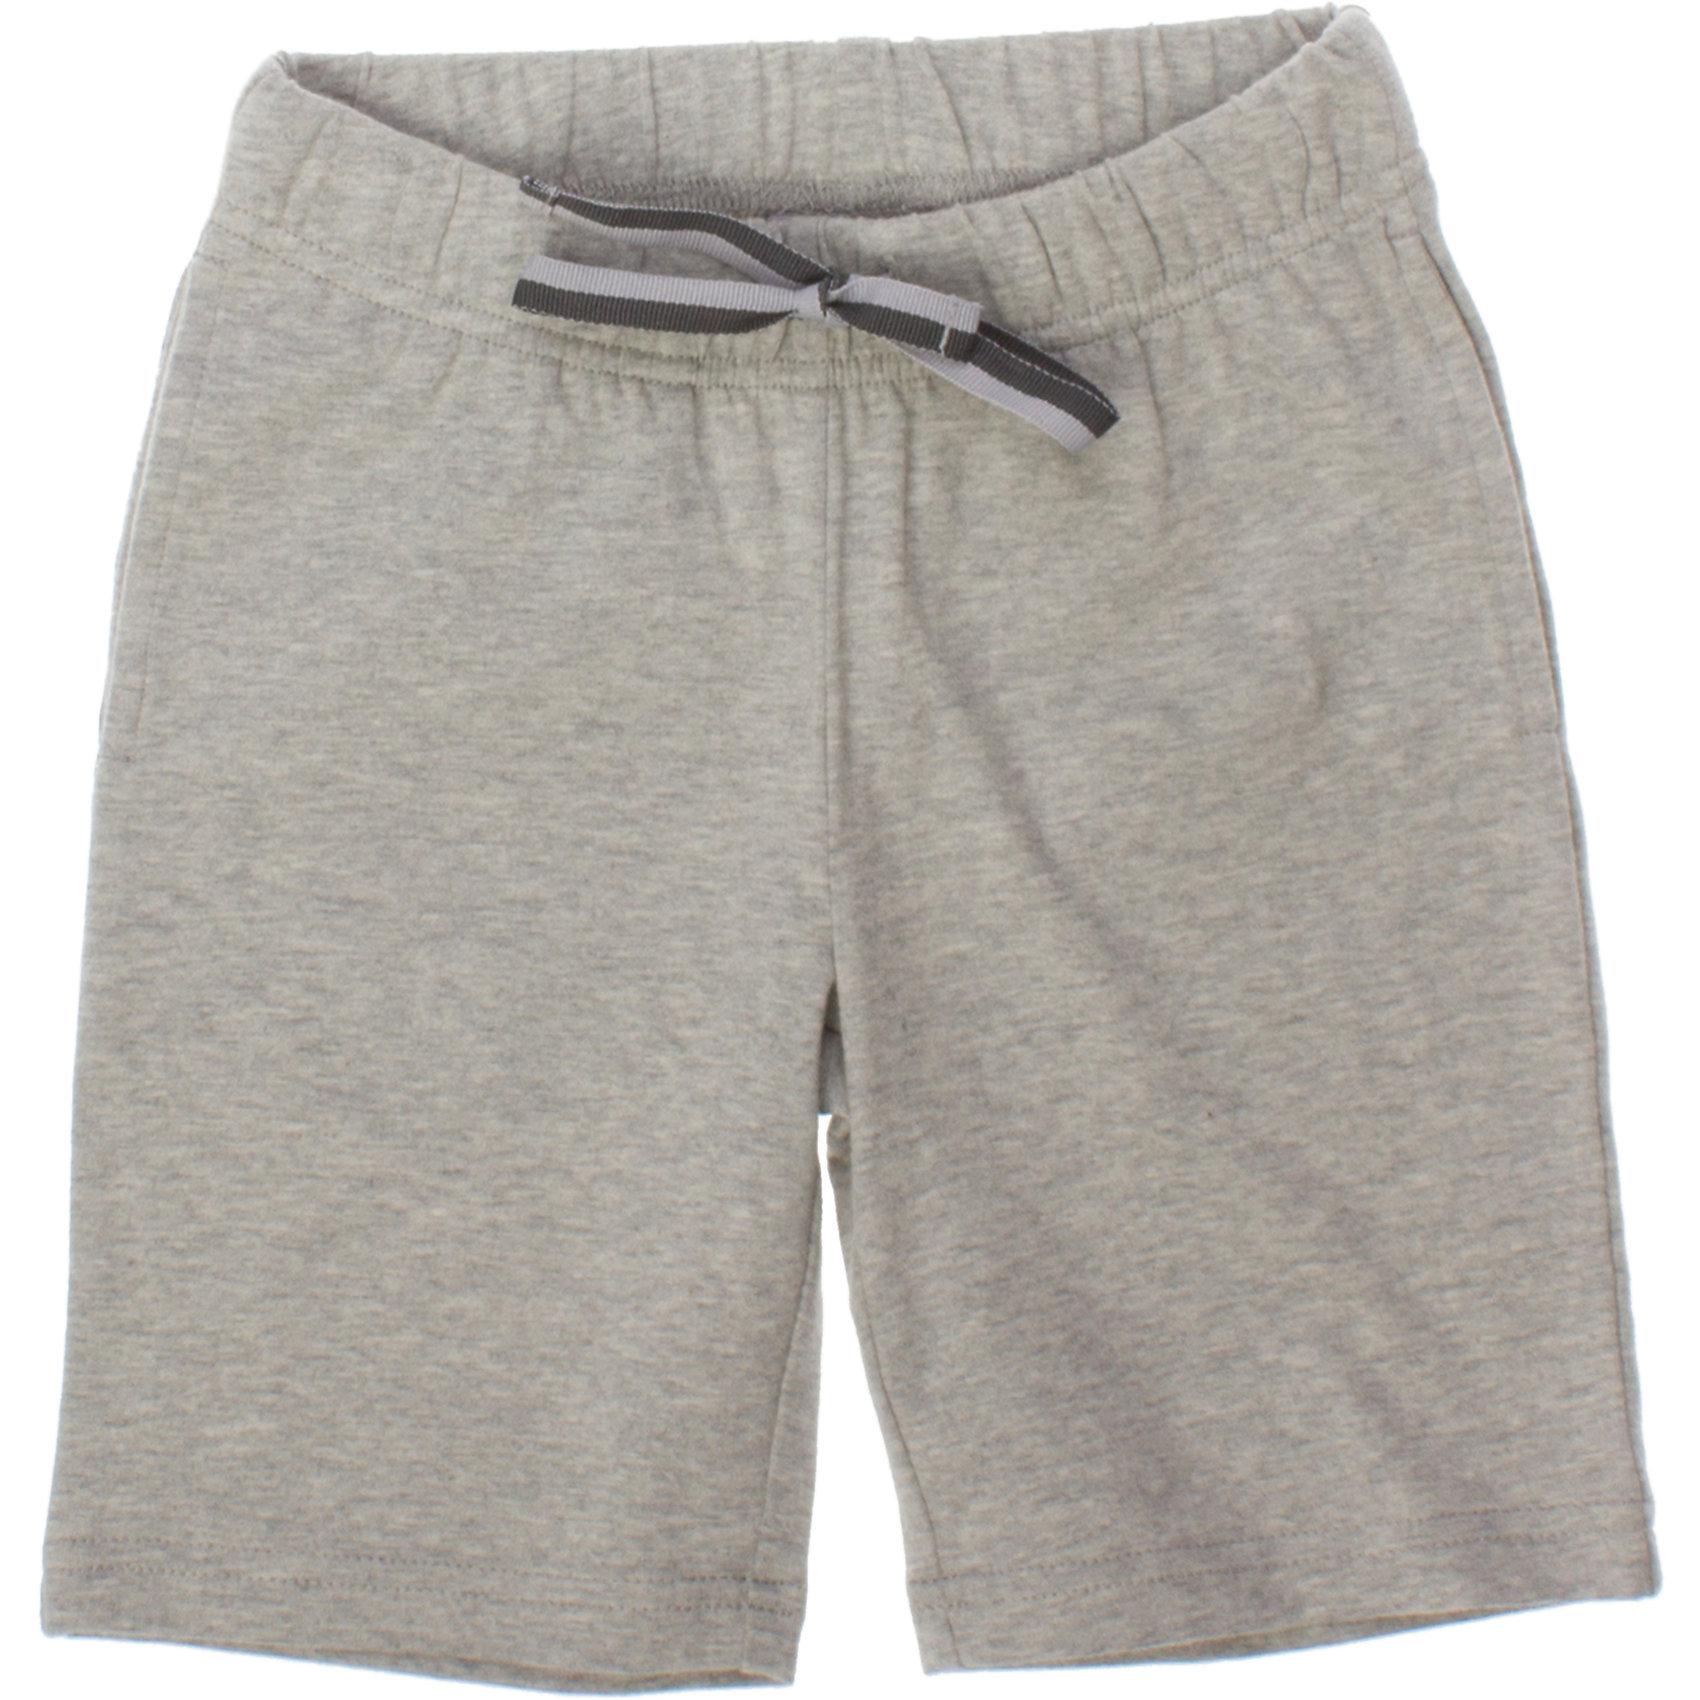 Шорты для мальчика PlayTodayШорты, бриджи, капри<br>Легкие хлопковые шорты цвета серый меланж. Пояс на мягкой резинке, дополнительно регулируется тесьмой. Есть два кармашка. Состав: 95% хлопок, 5% эластан<br><br>Ширина мм: 191<br>Глубина мм: 10<br>Высота мм: 175<br>Вес г: 273<br>Цвет: серый<br>Возраст от месяцев: 48<br>Возраст до месяцев: 60<br>Пол: Мужской<br>Возраст: Детский<br>Размер: 110,122,104,98,128,116<br>SKU: 4652547